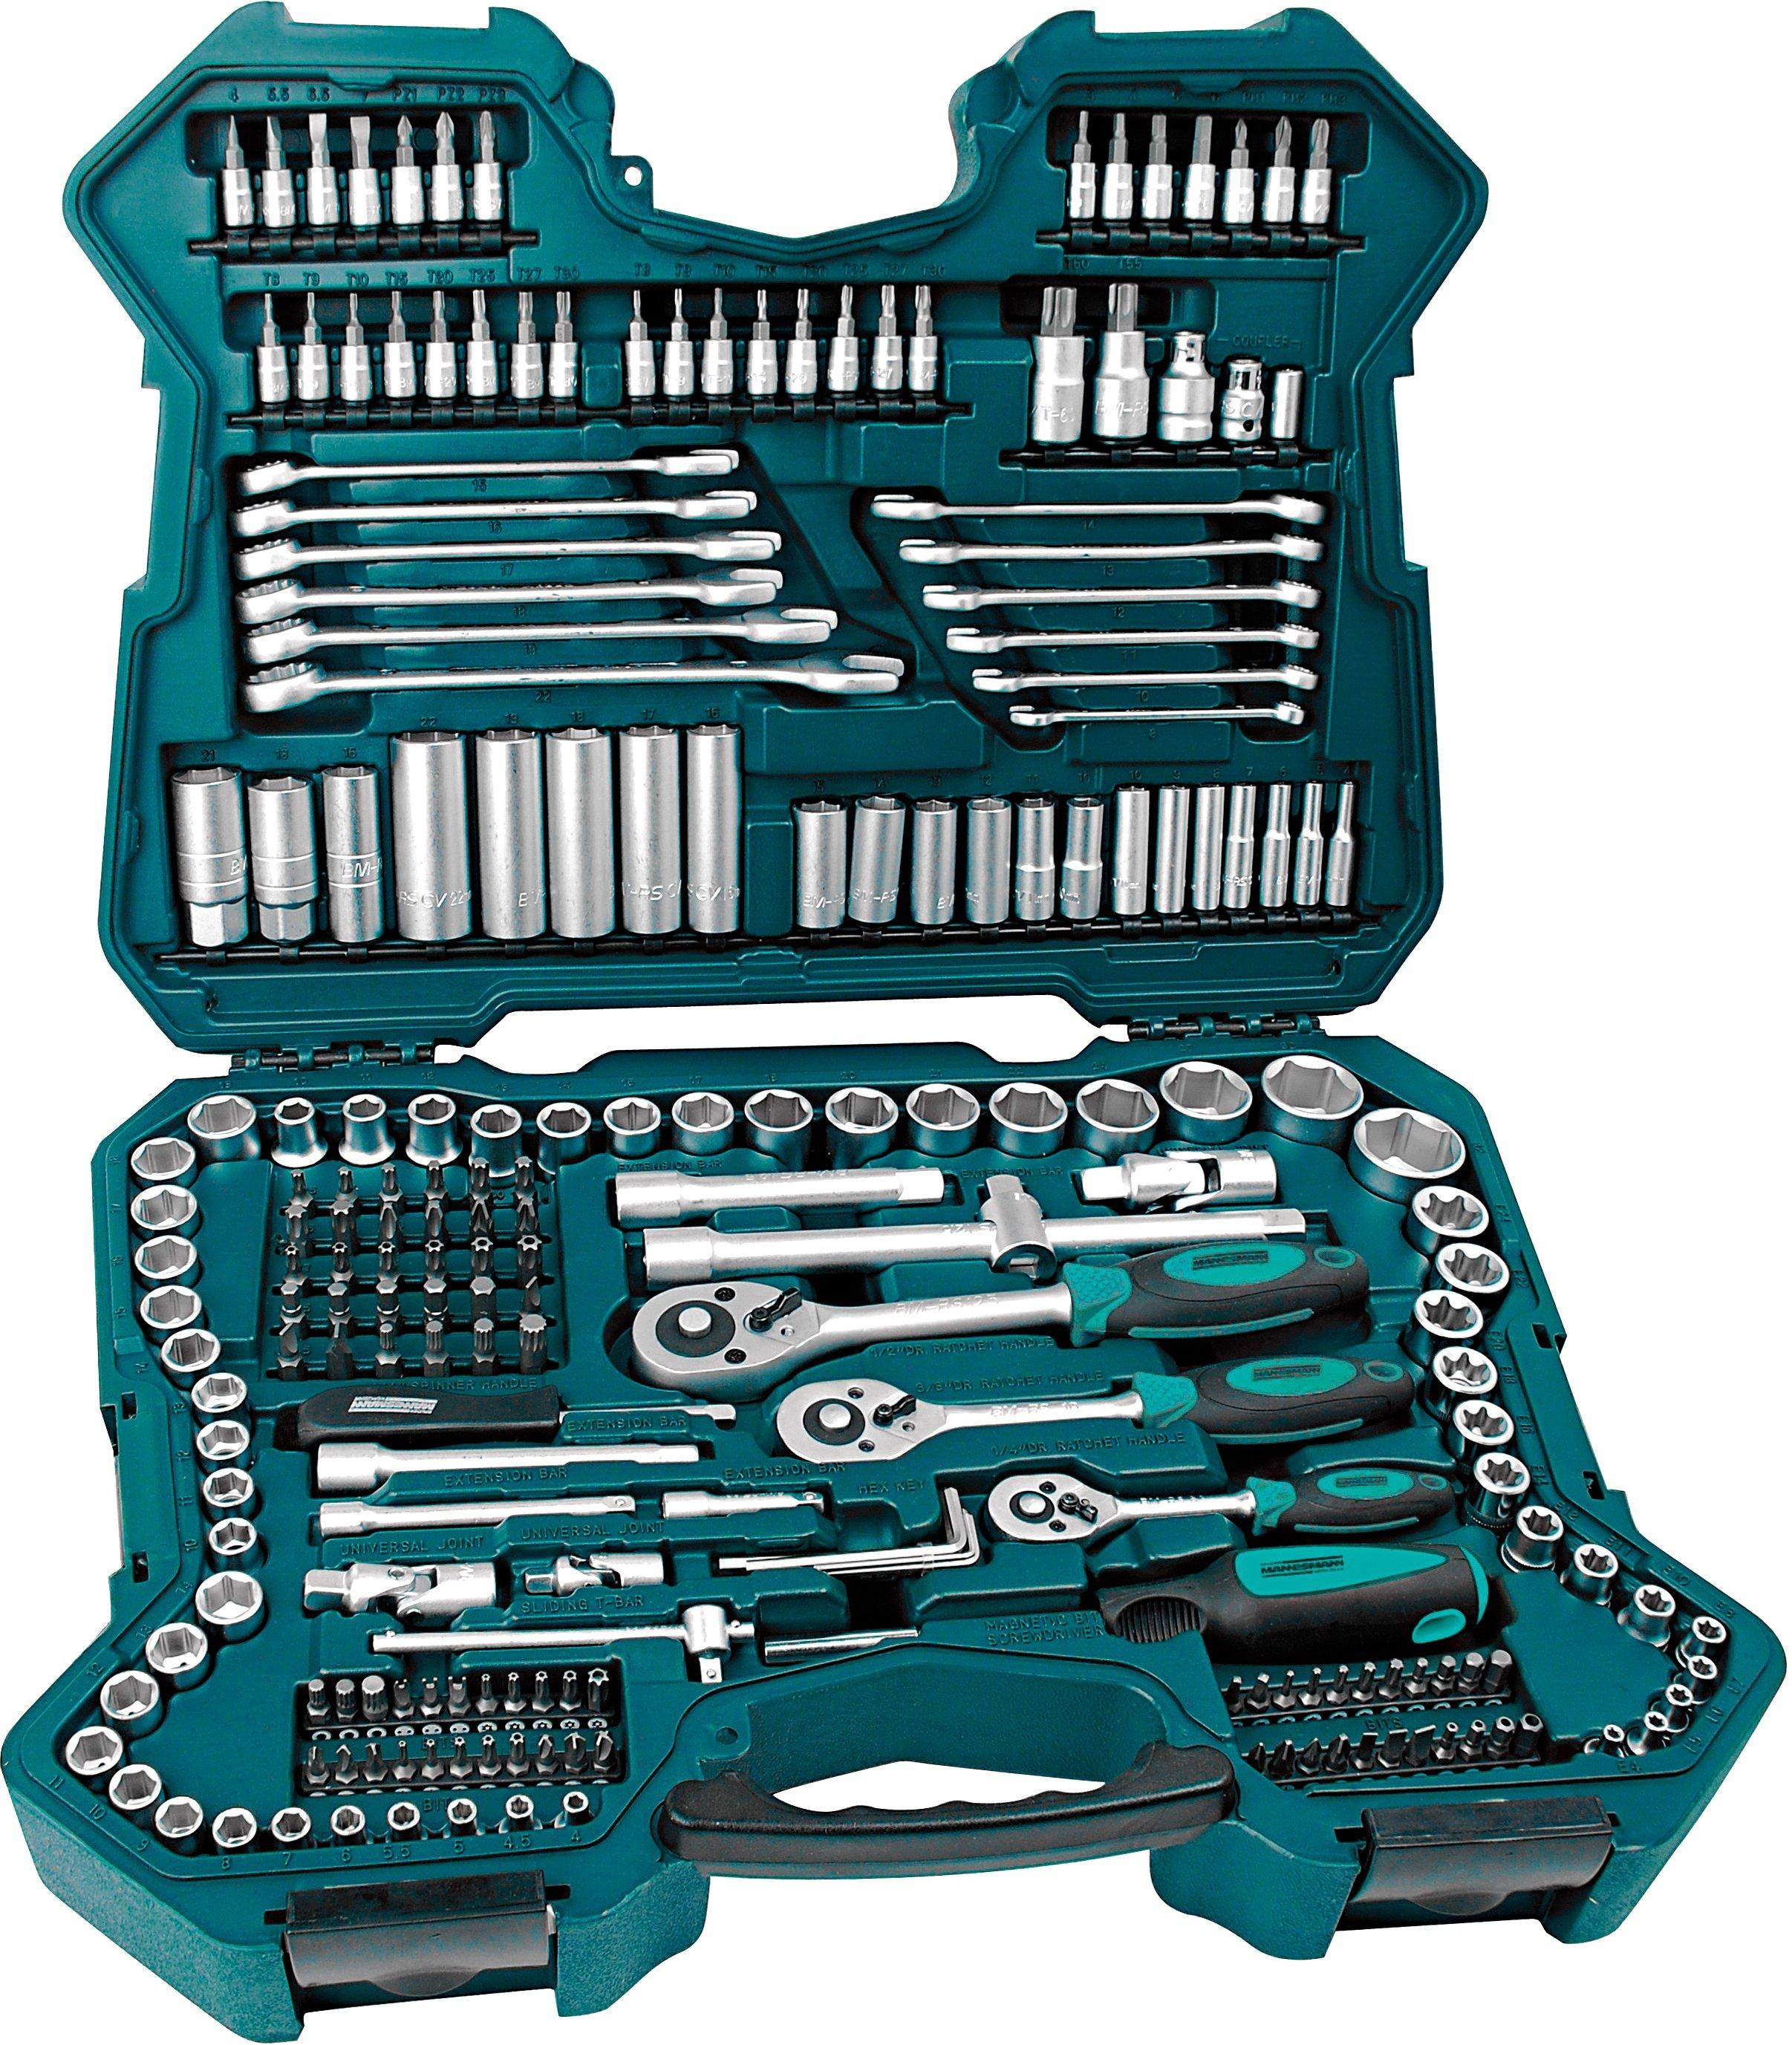 Brueder Mannesmann Werkzeuge Steckschlüsselsatz (215-tlg)